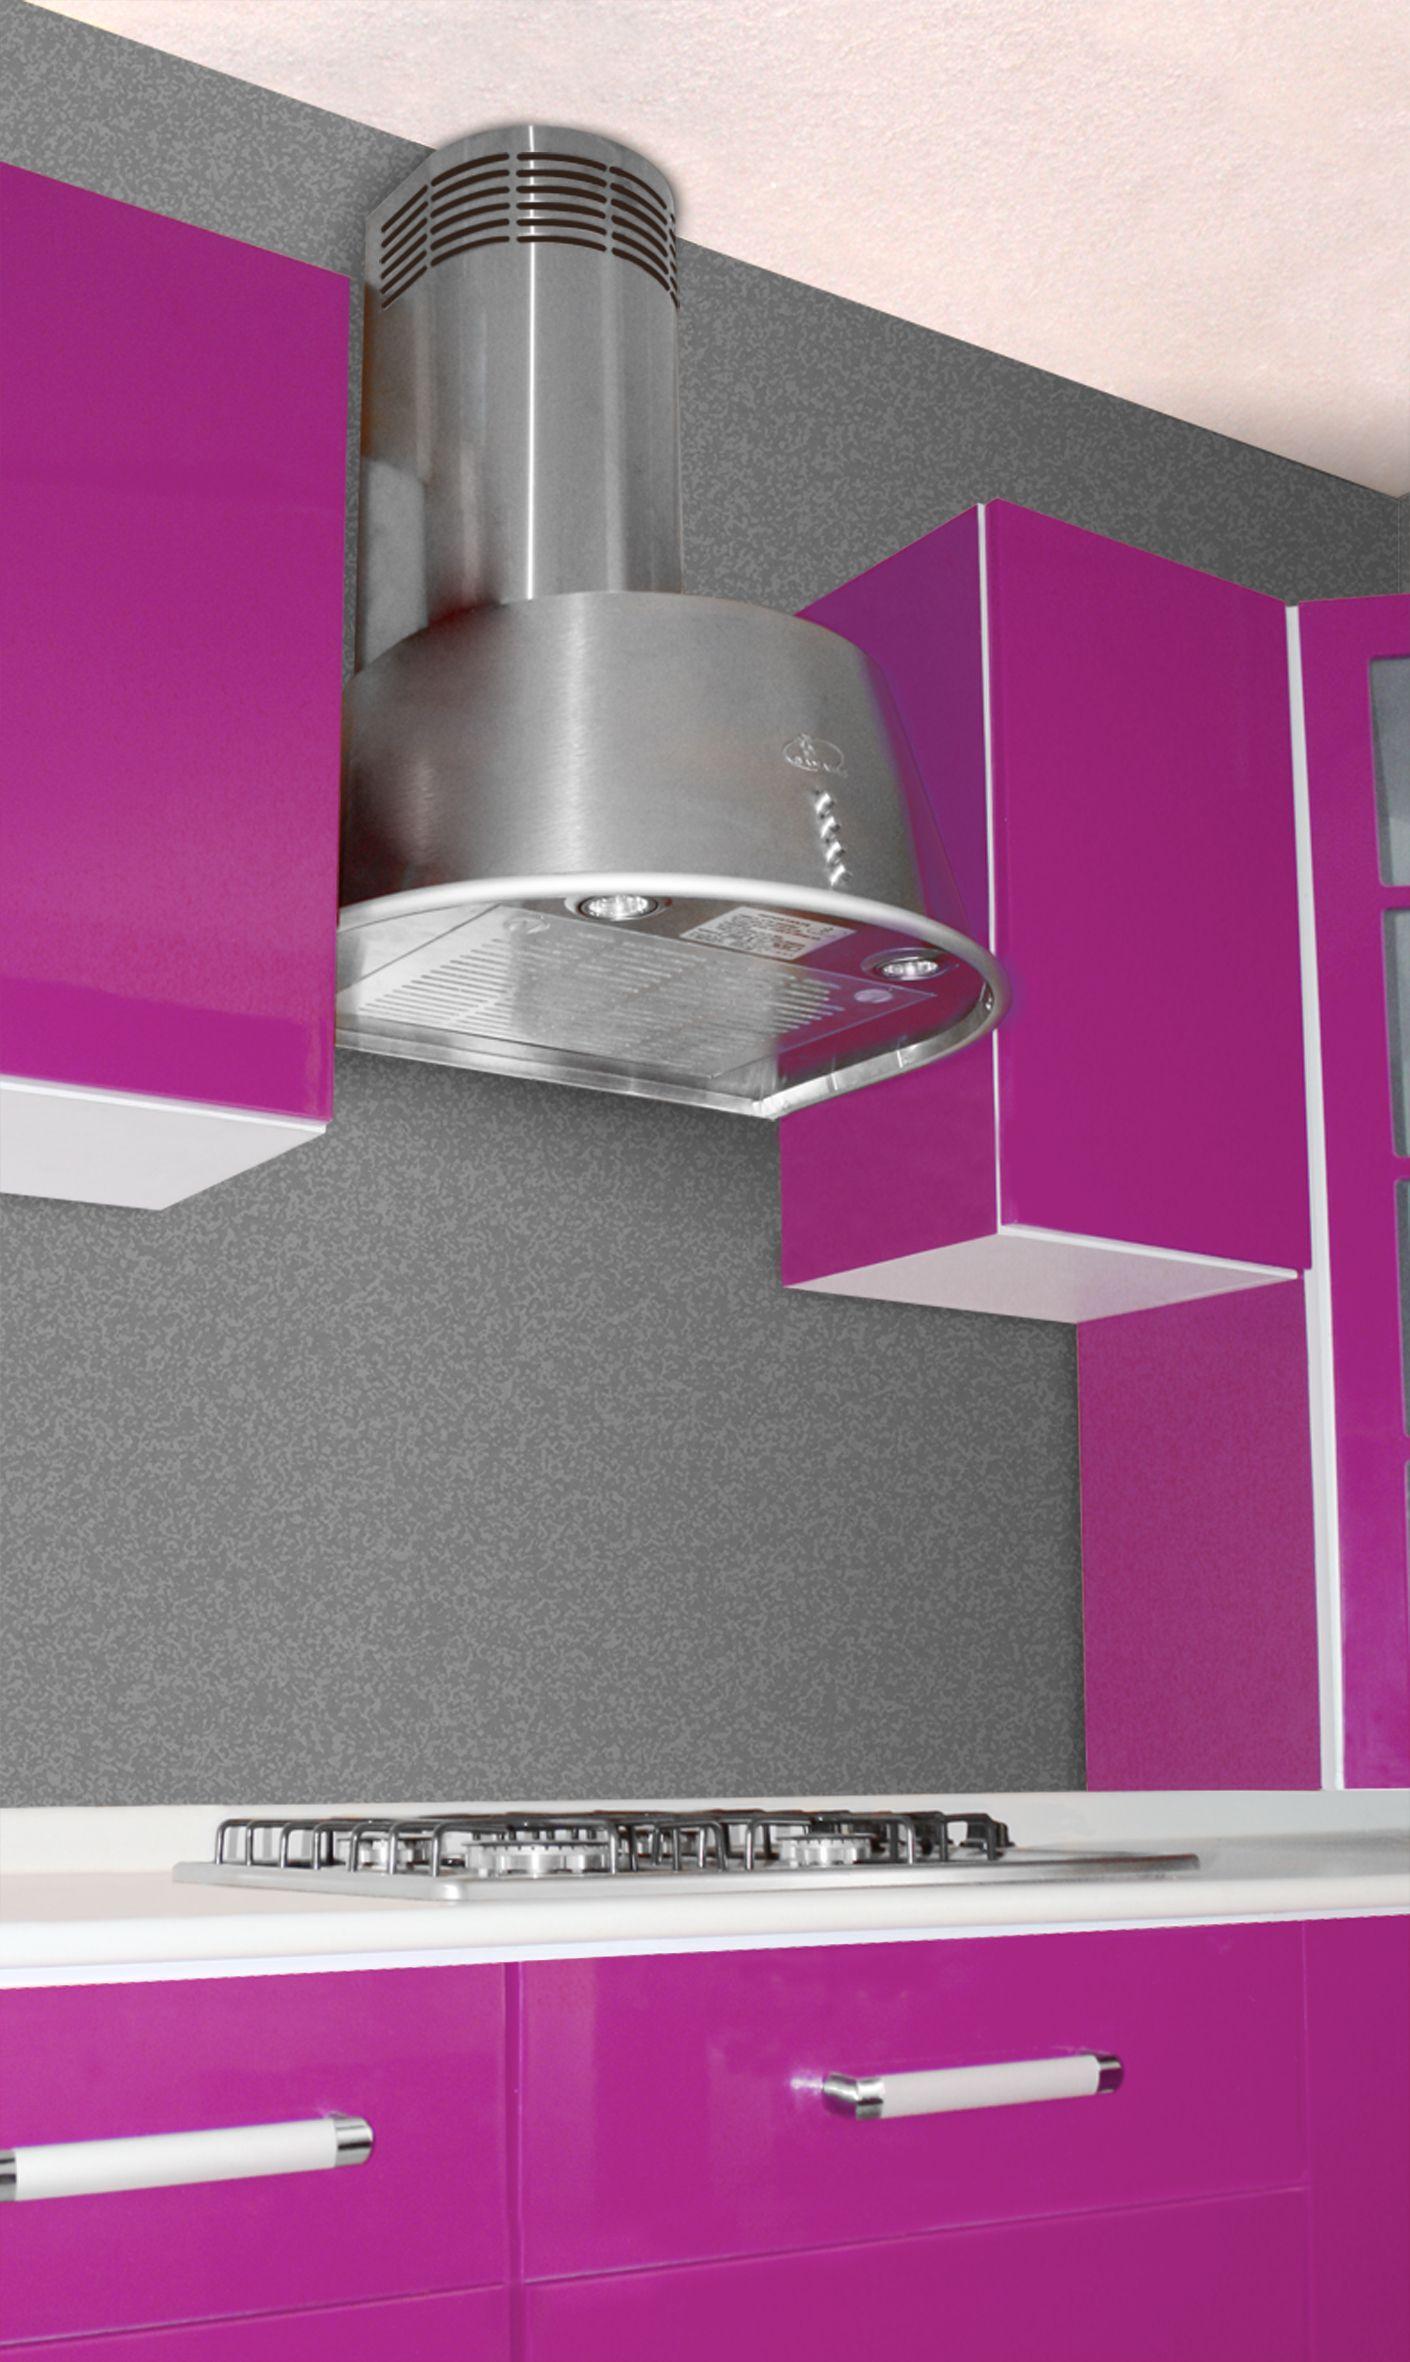 Los colores intensos ayudan a resaltar tu cocina y crear un contraste perfecto con la campana.